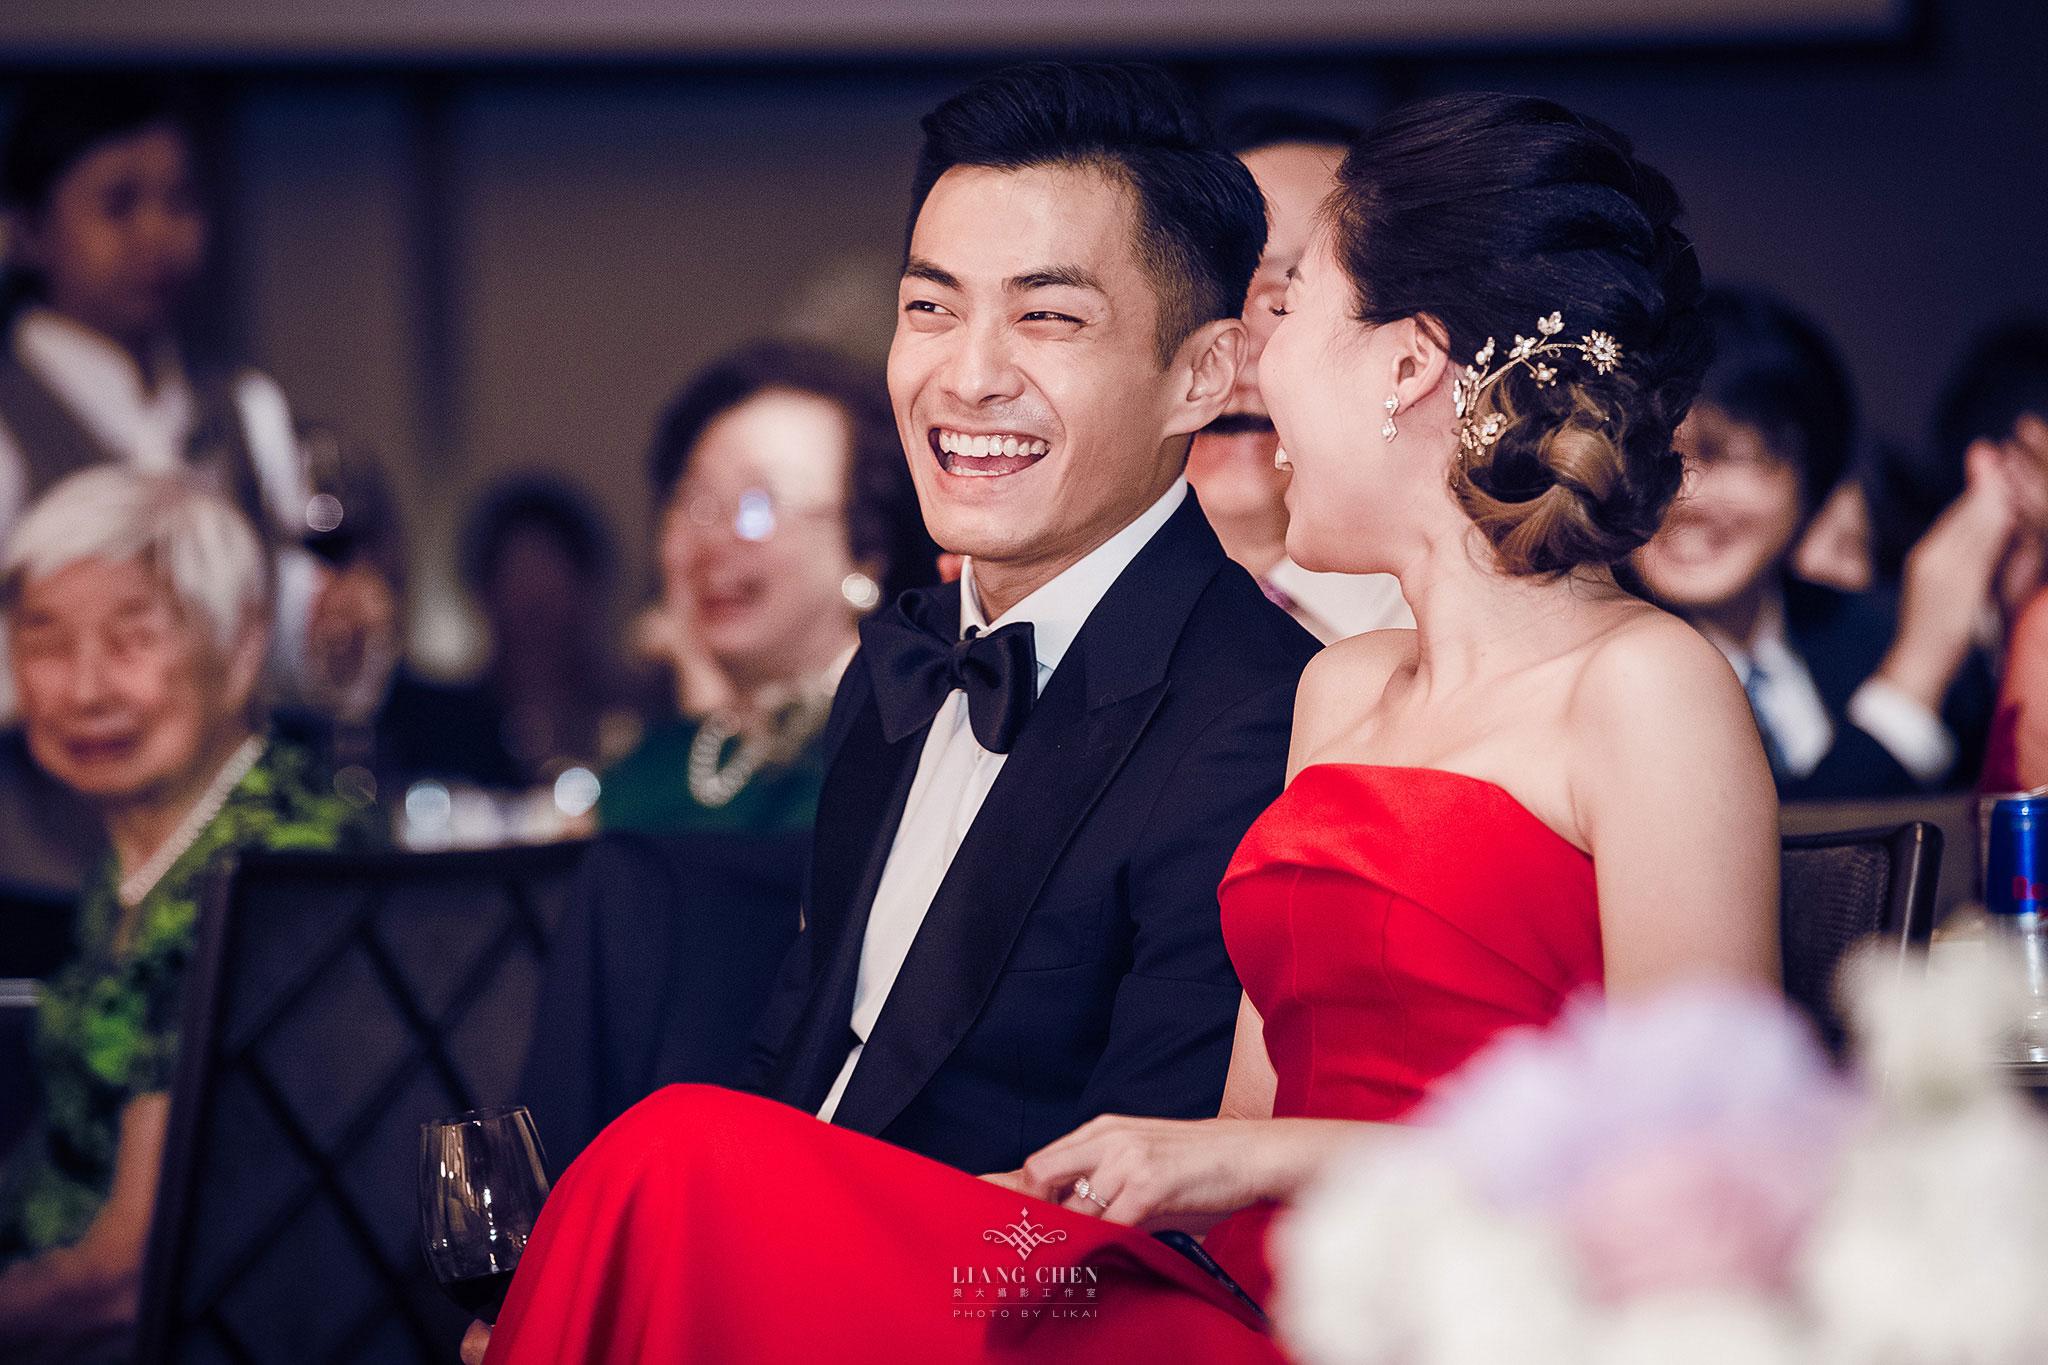 婚禮紀錄 - Wendy & Michael - 萬豪酒店